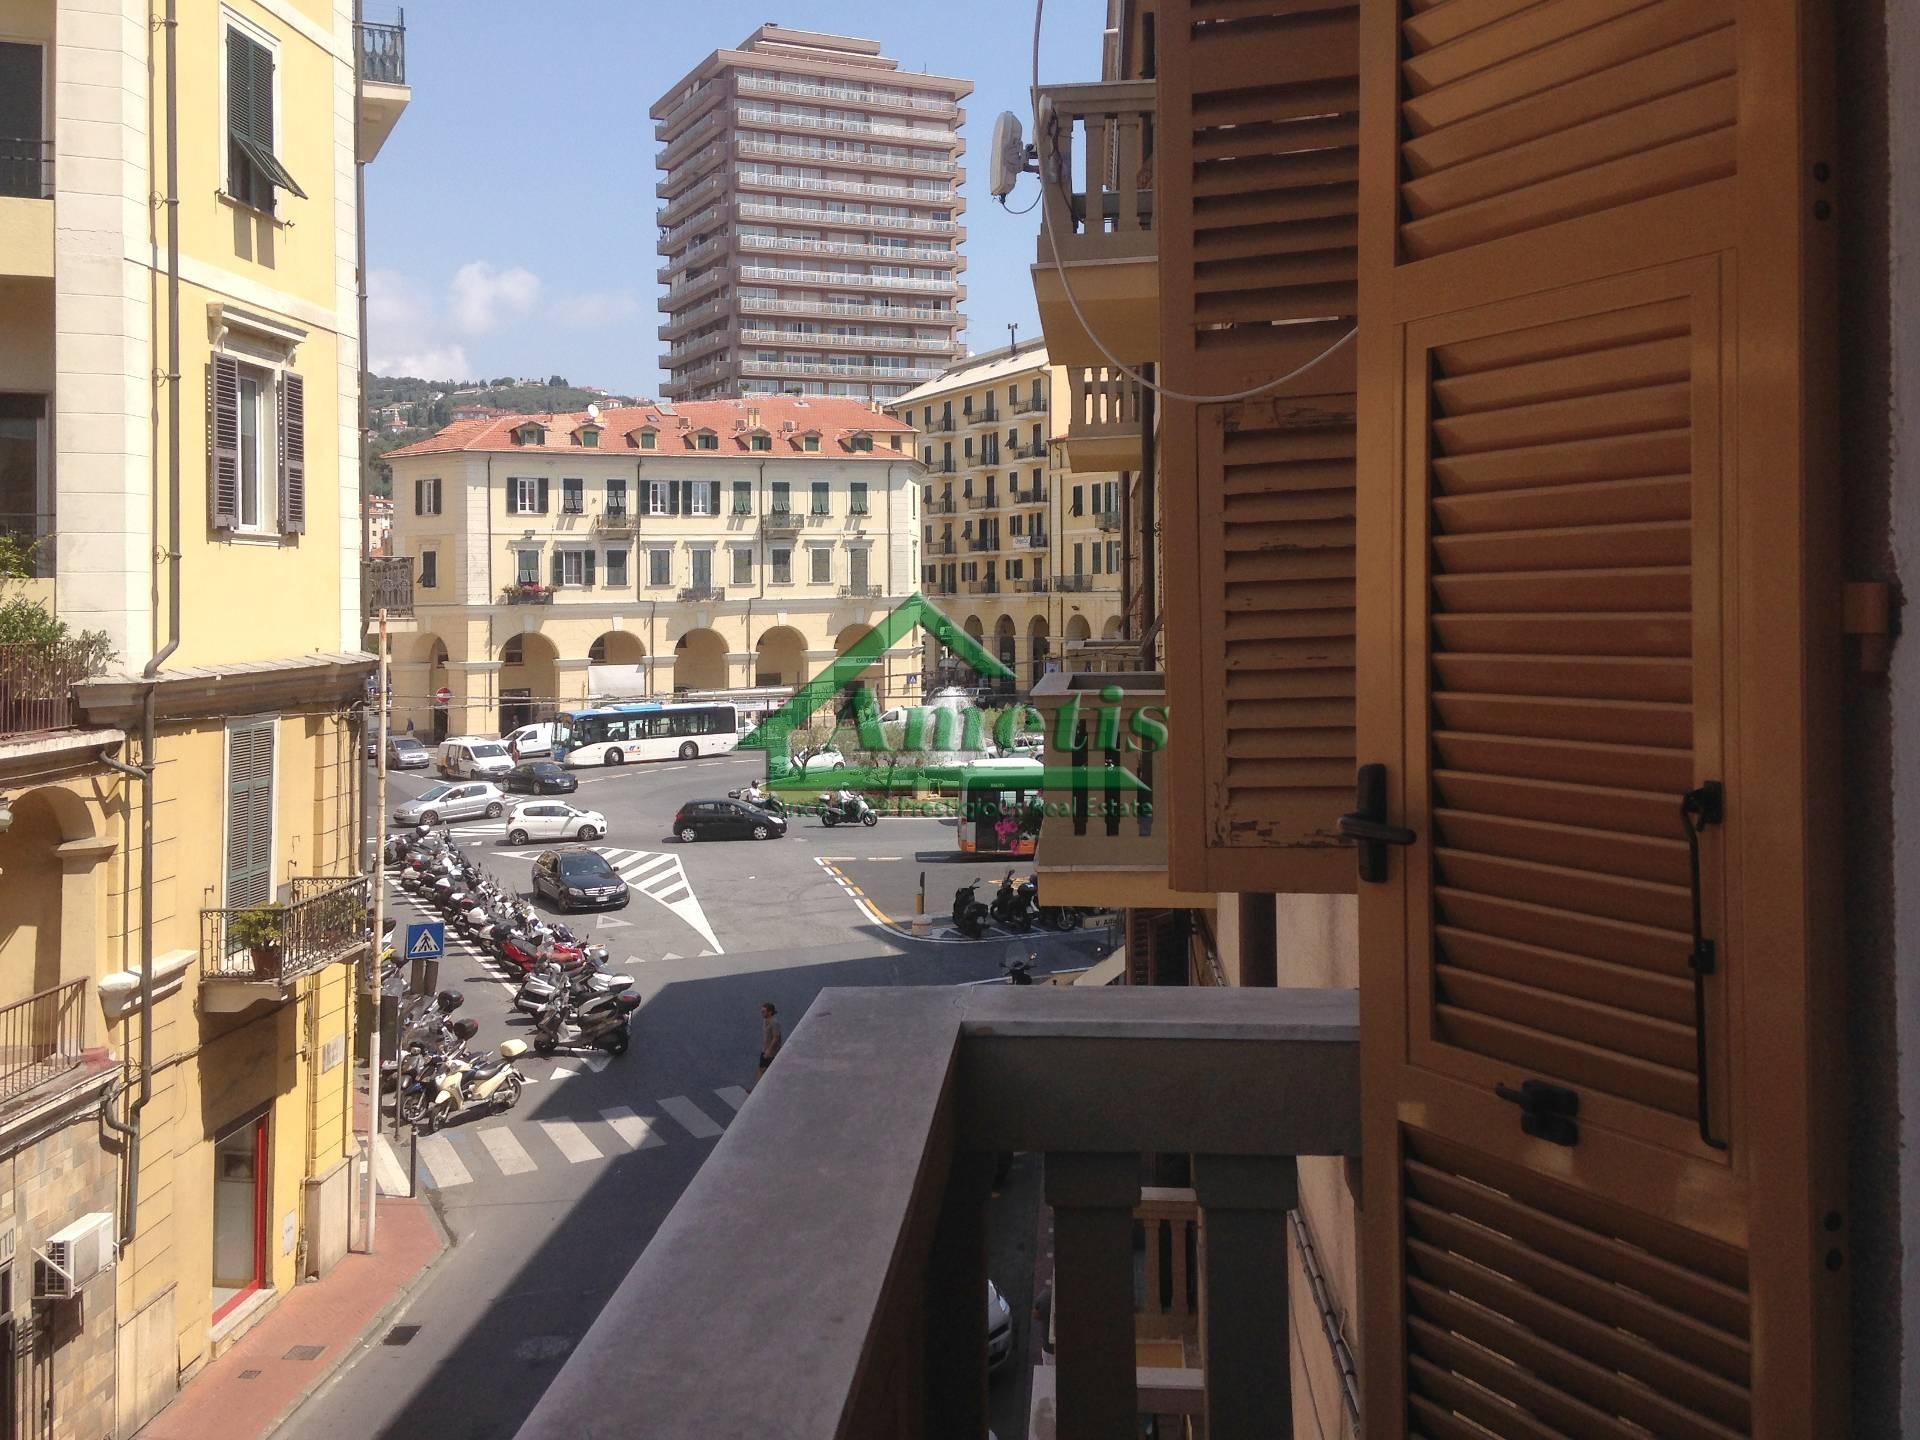 Appartamento in affitto a Imperia, 4 locali, zona Località: Onegliacentro, prezzo € 530 | CambioCasa.it